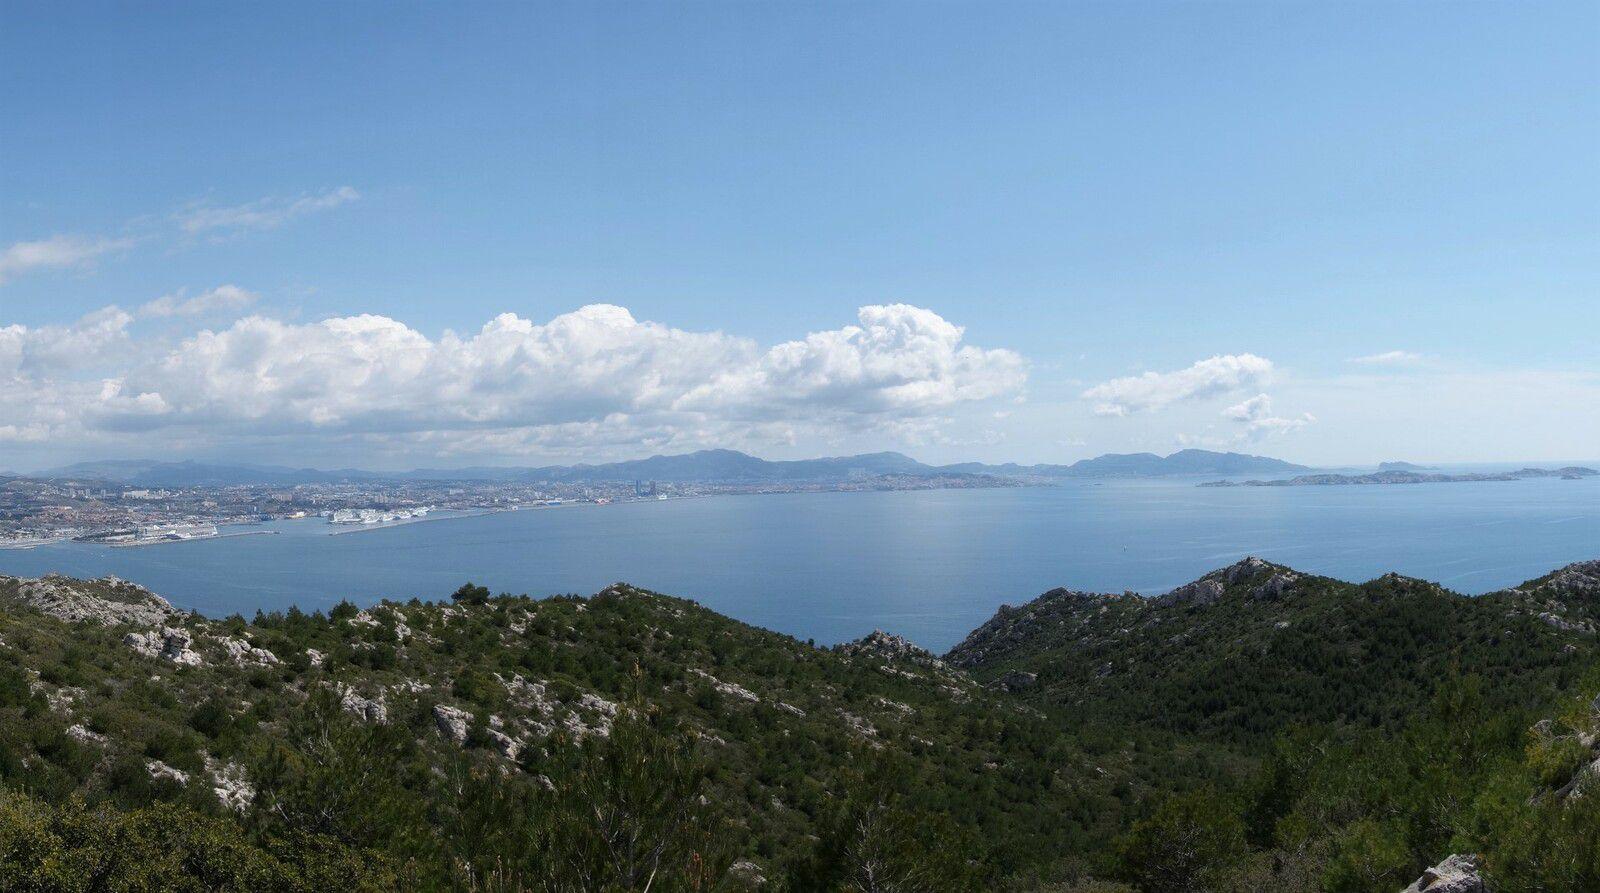 au sommet coté 213 et départ du monotrace, vue panoramique sur la rade de Marseille